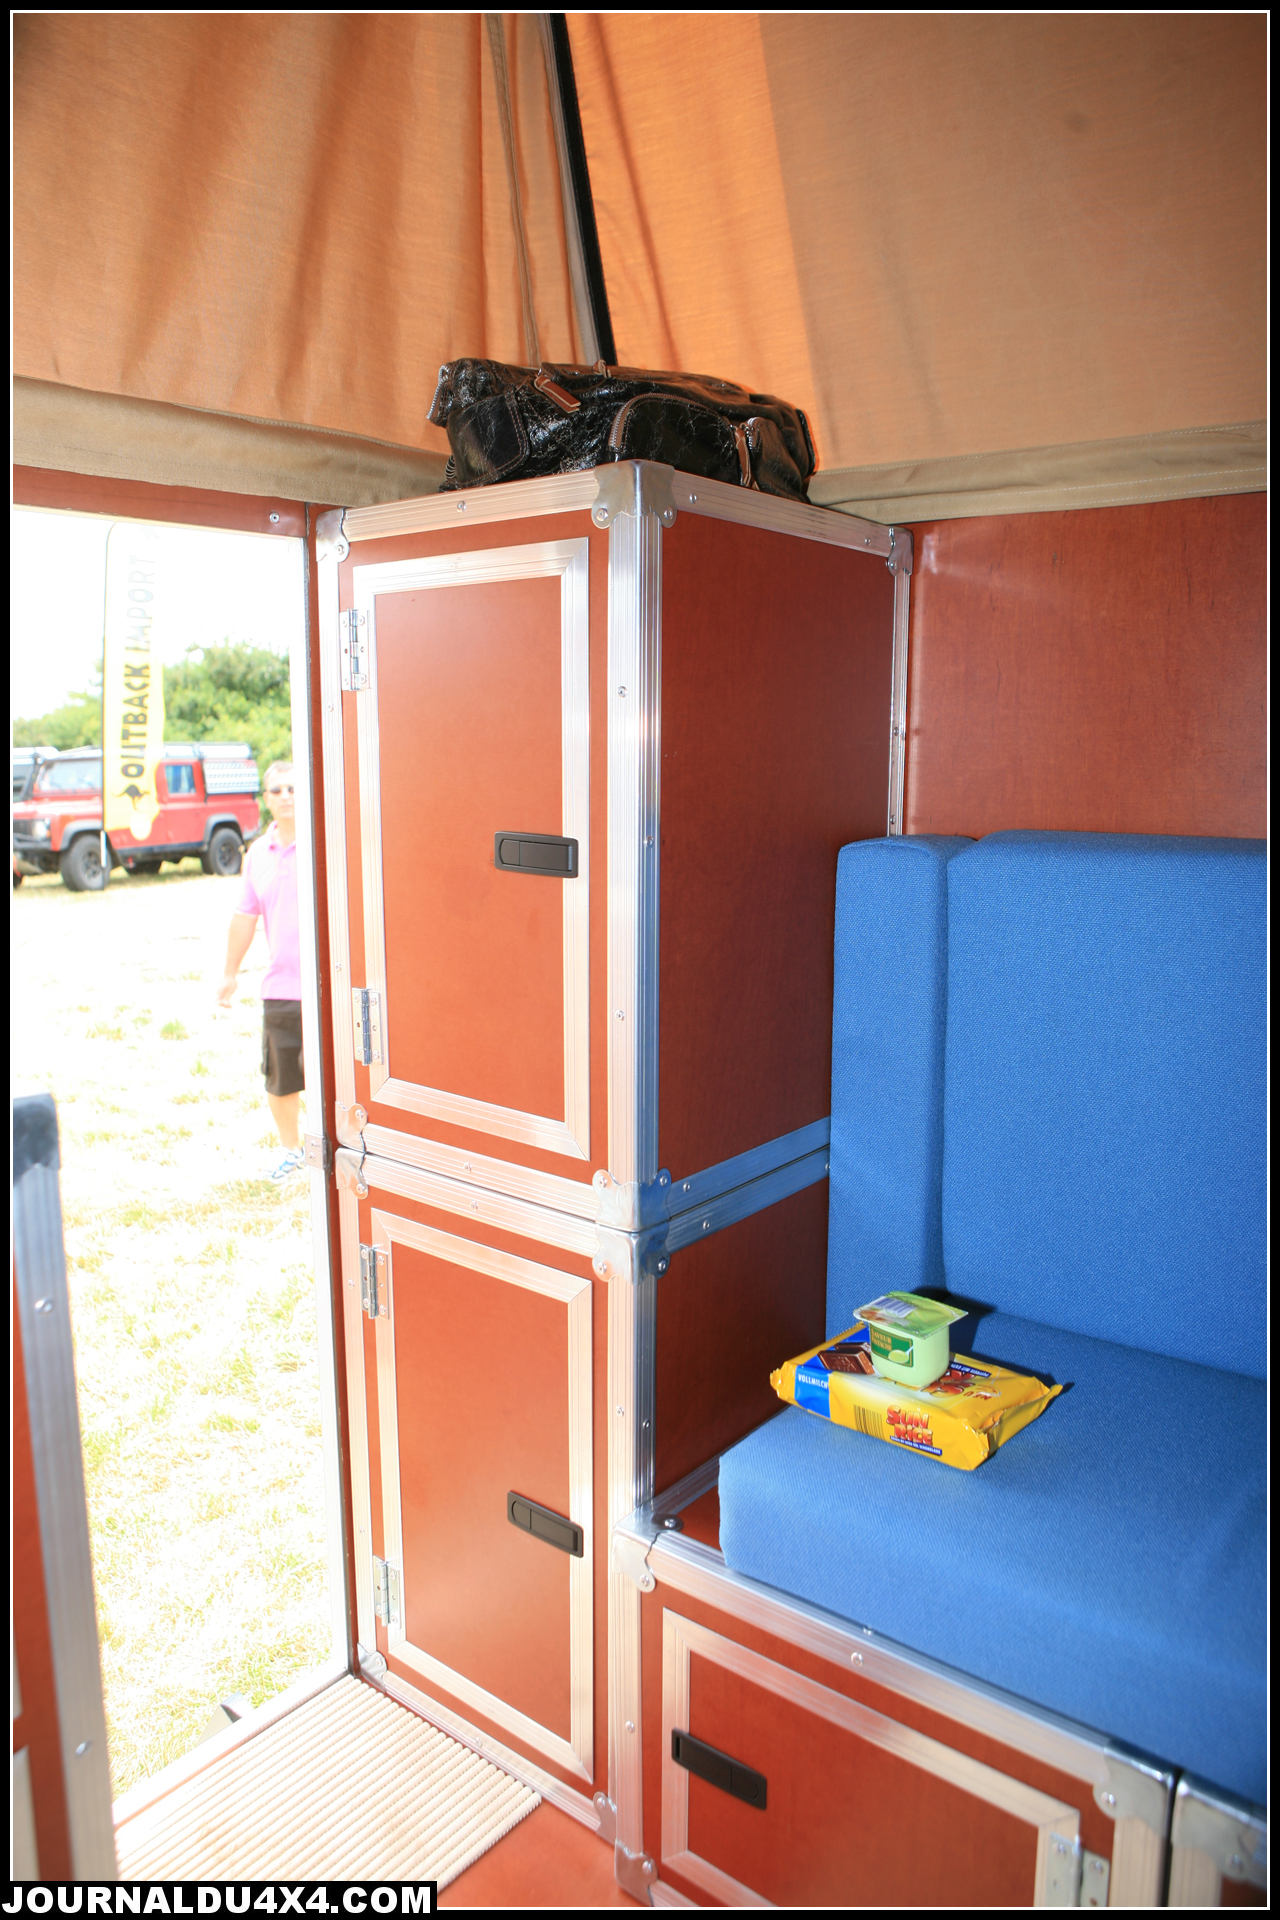 cellule-4x4-globe-camper-11.jpg